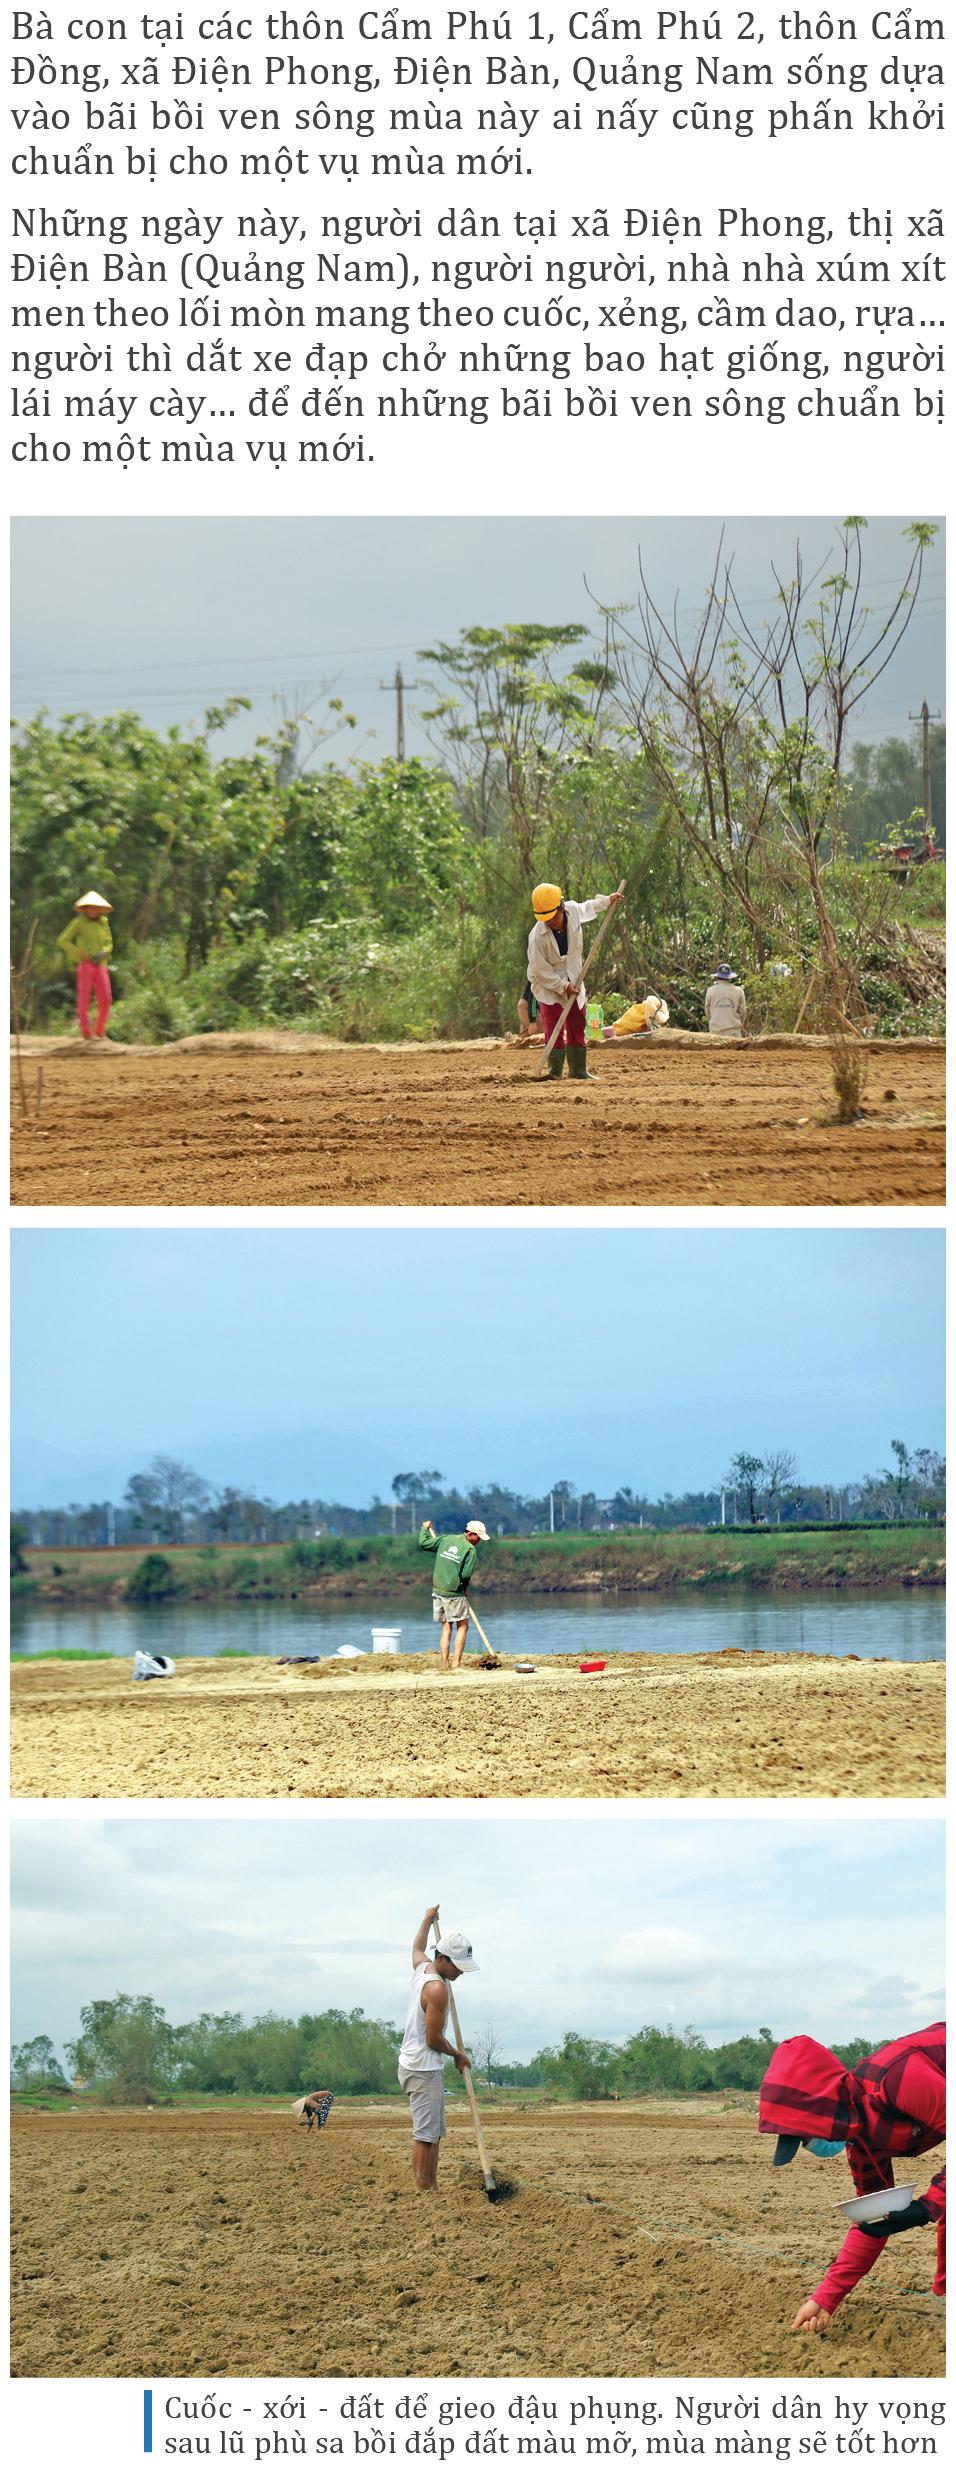 Mưu sinh trên bãi bồi ven sông Thu Bồn ảnh 2